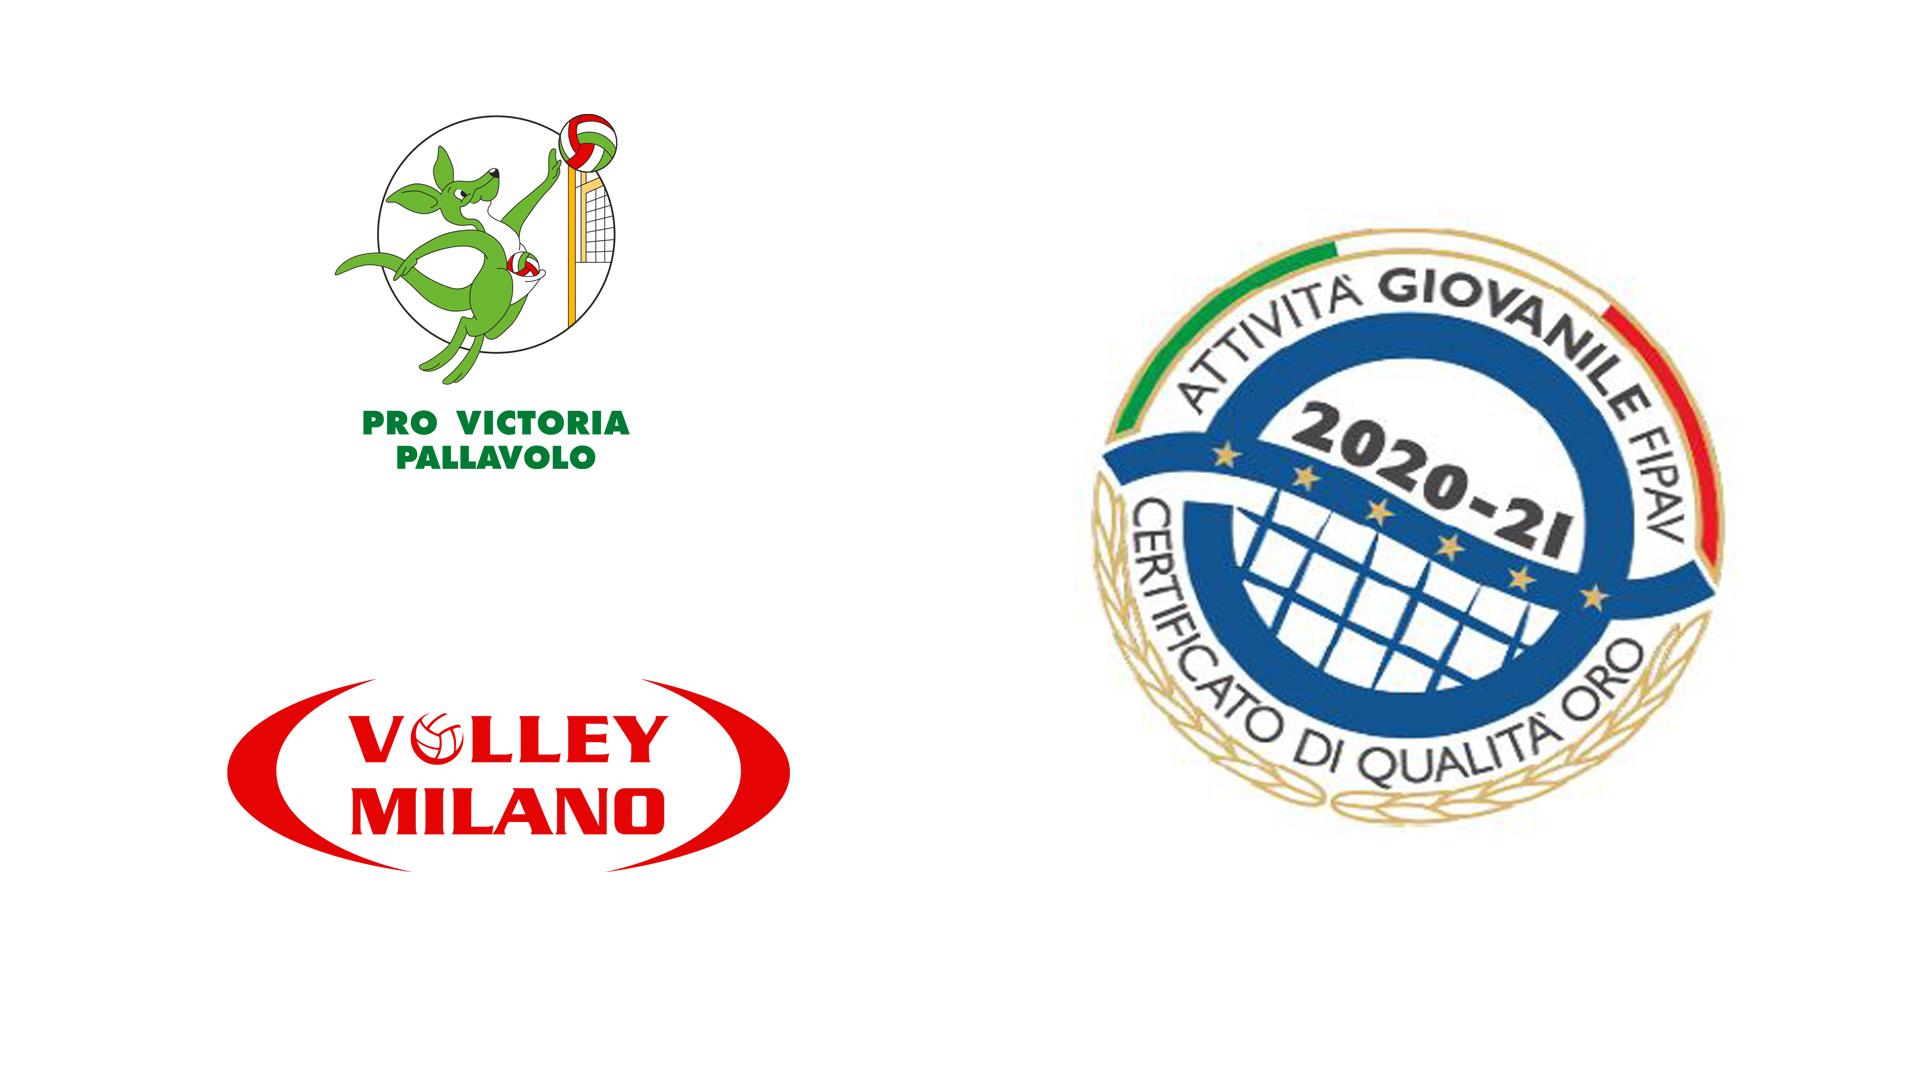 Pro Victoria e Volley Milano ottengono il Certificato di Qualità Oro della FIPAV, Argento a Viscontini